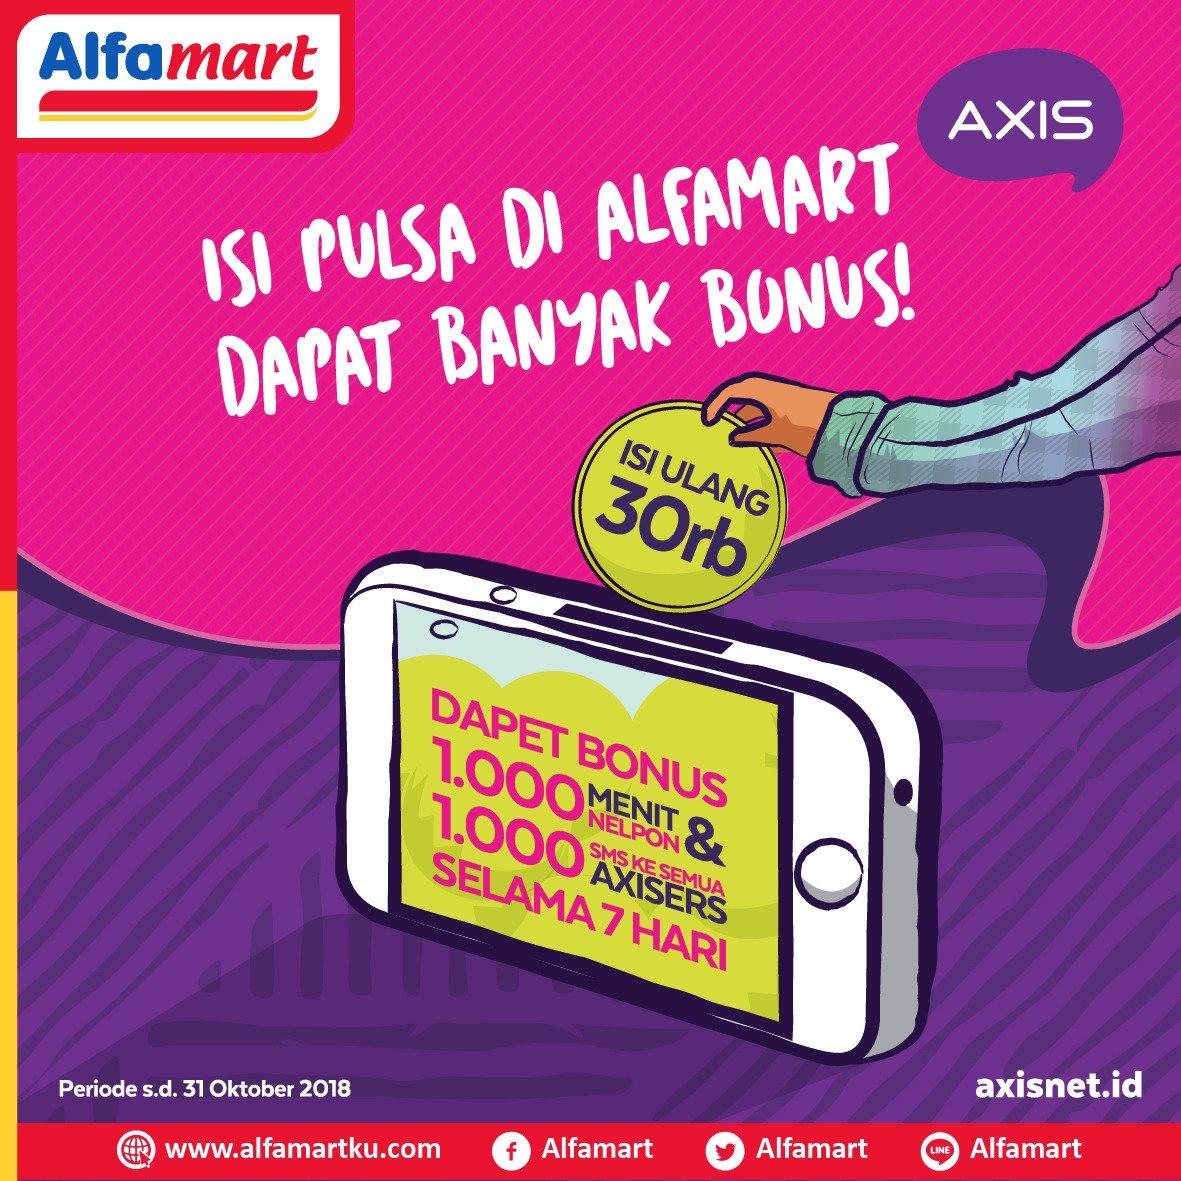 Axis - Promo Isi Pulsa di Alfamart Dapat Bonus Banyak (s.d 31 Okt 2018)